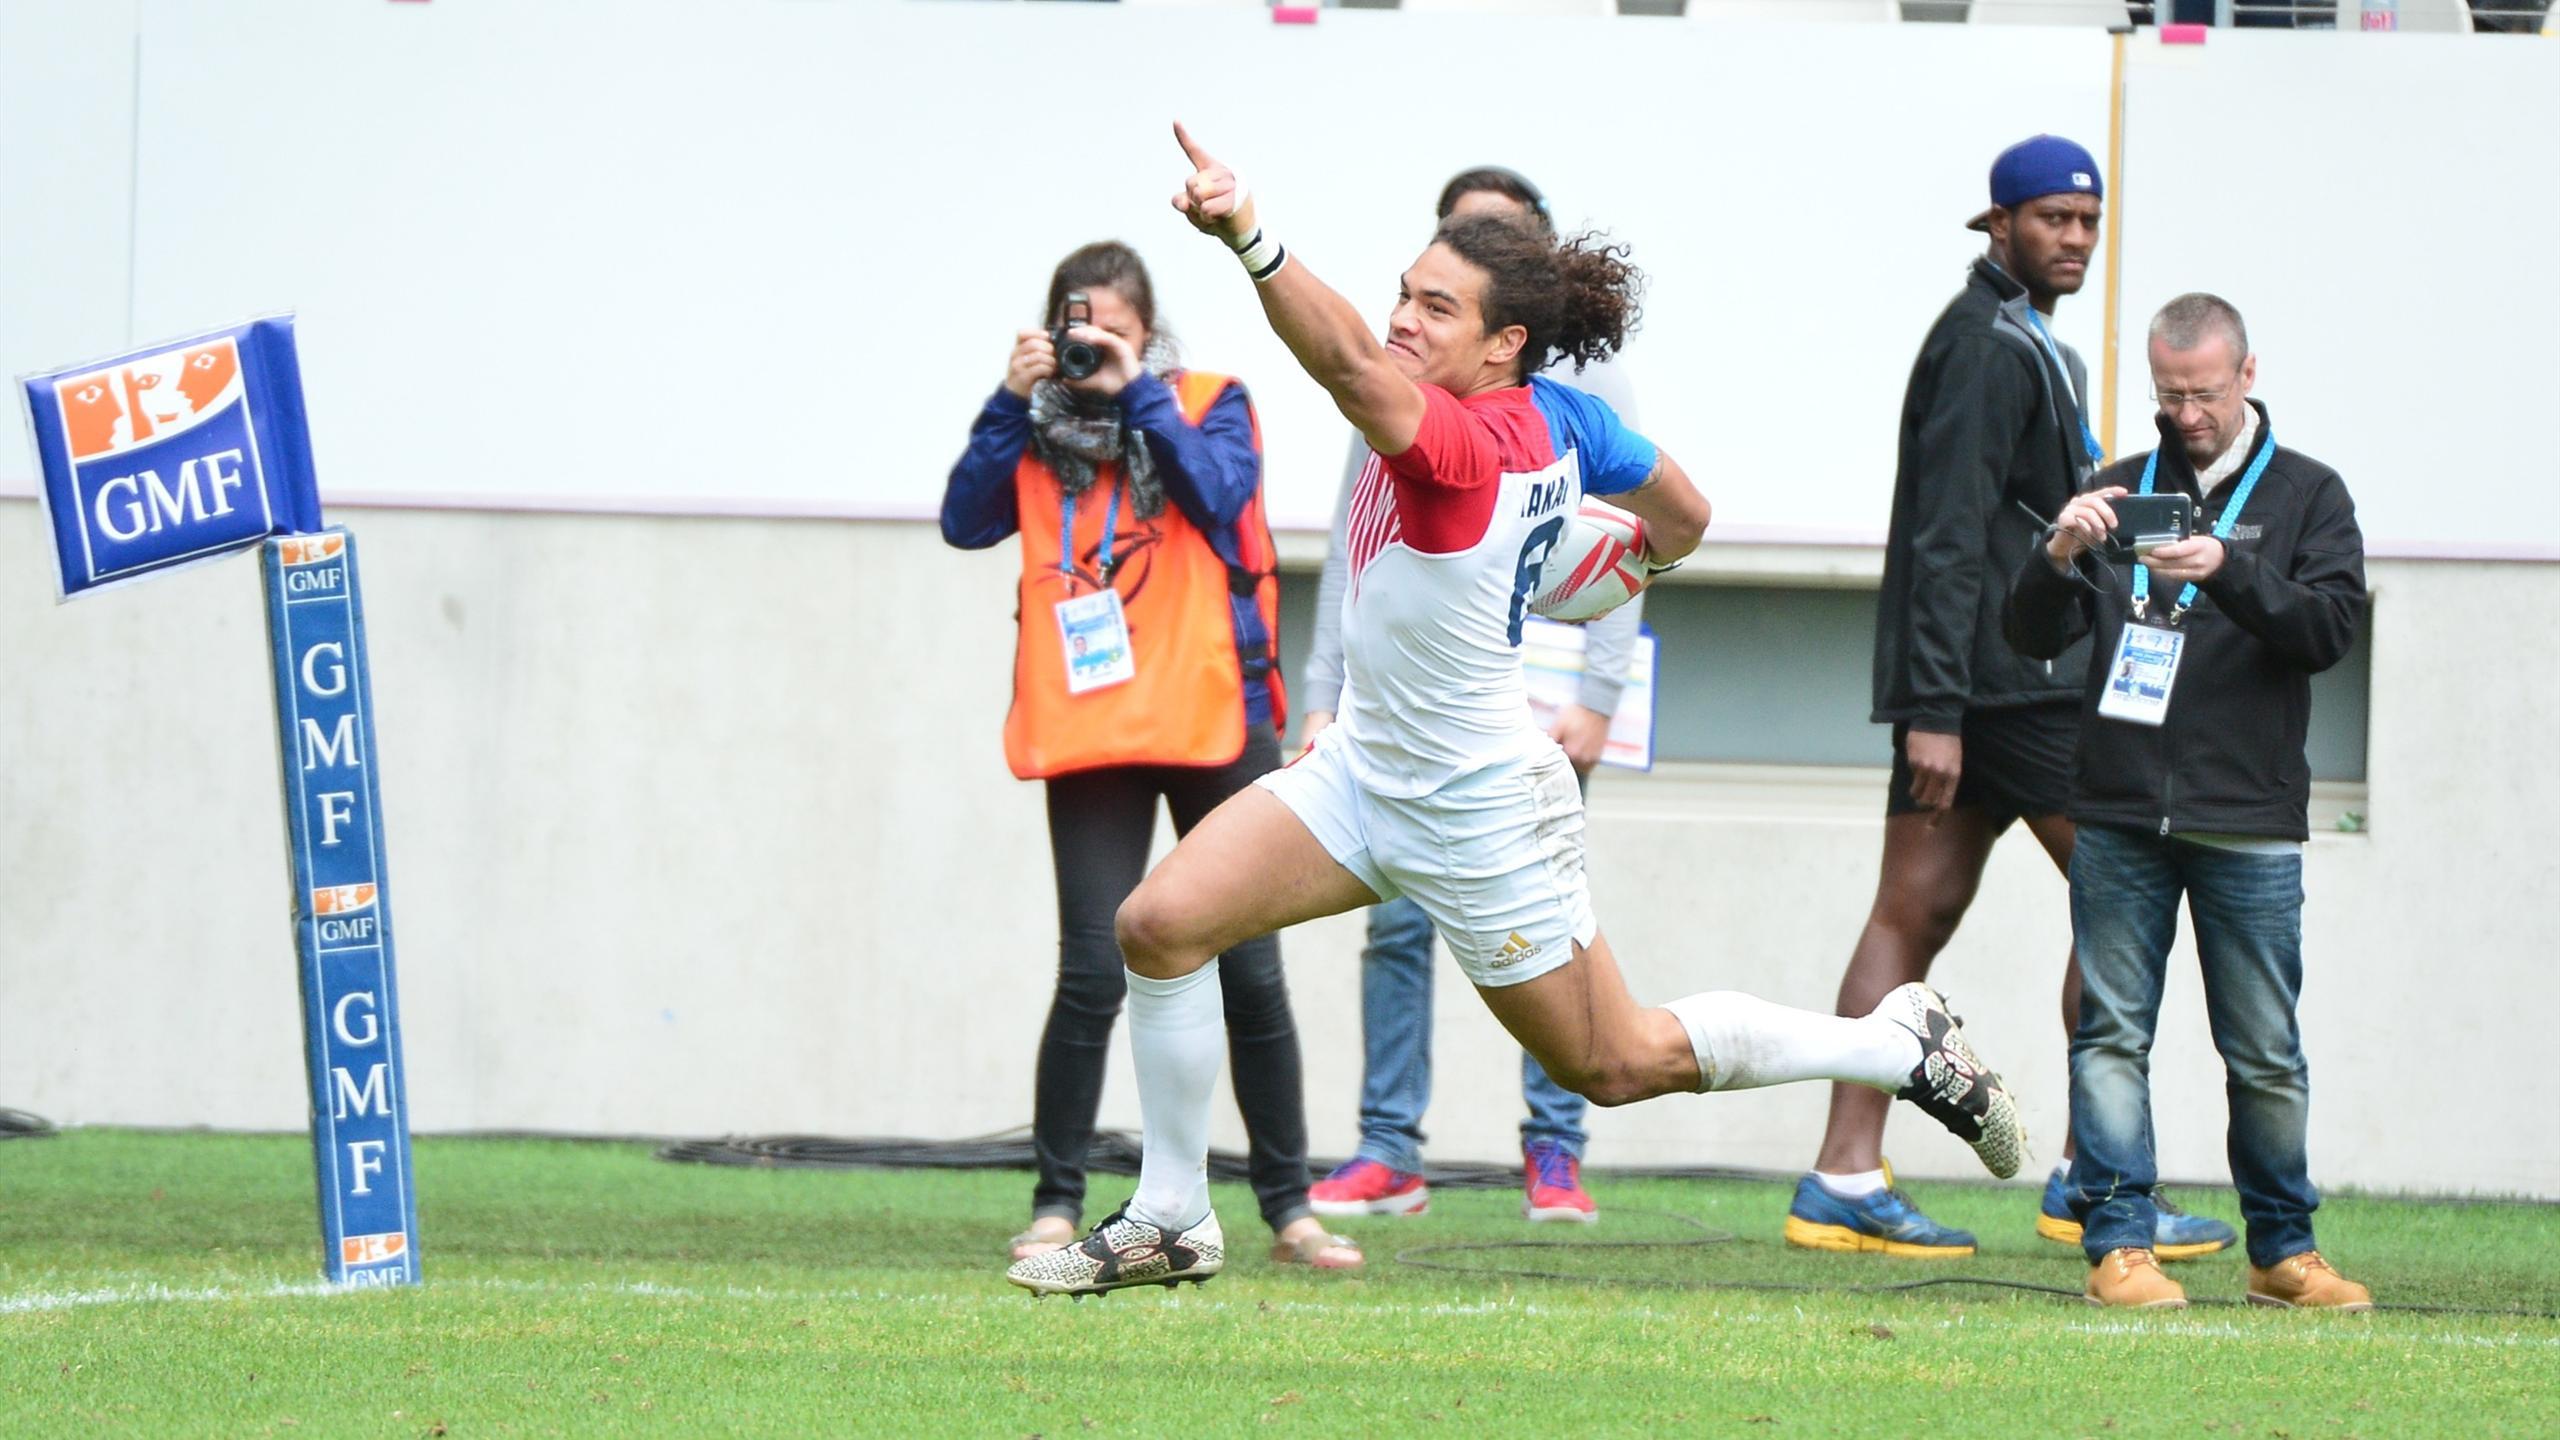 Pierre-Gilles Lakafia (France 7) exulte avant de marquer son essai contre le Kenya en quart de finale du tournoi de Paris - 15 mai 2016